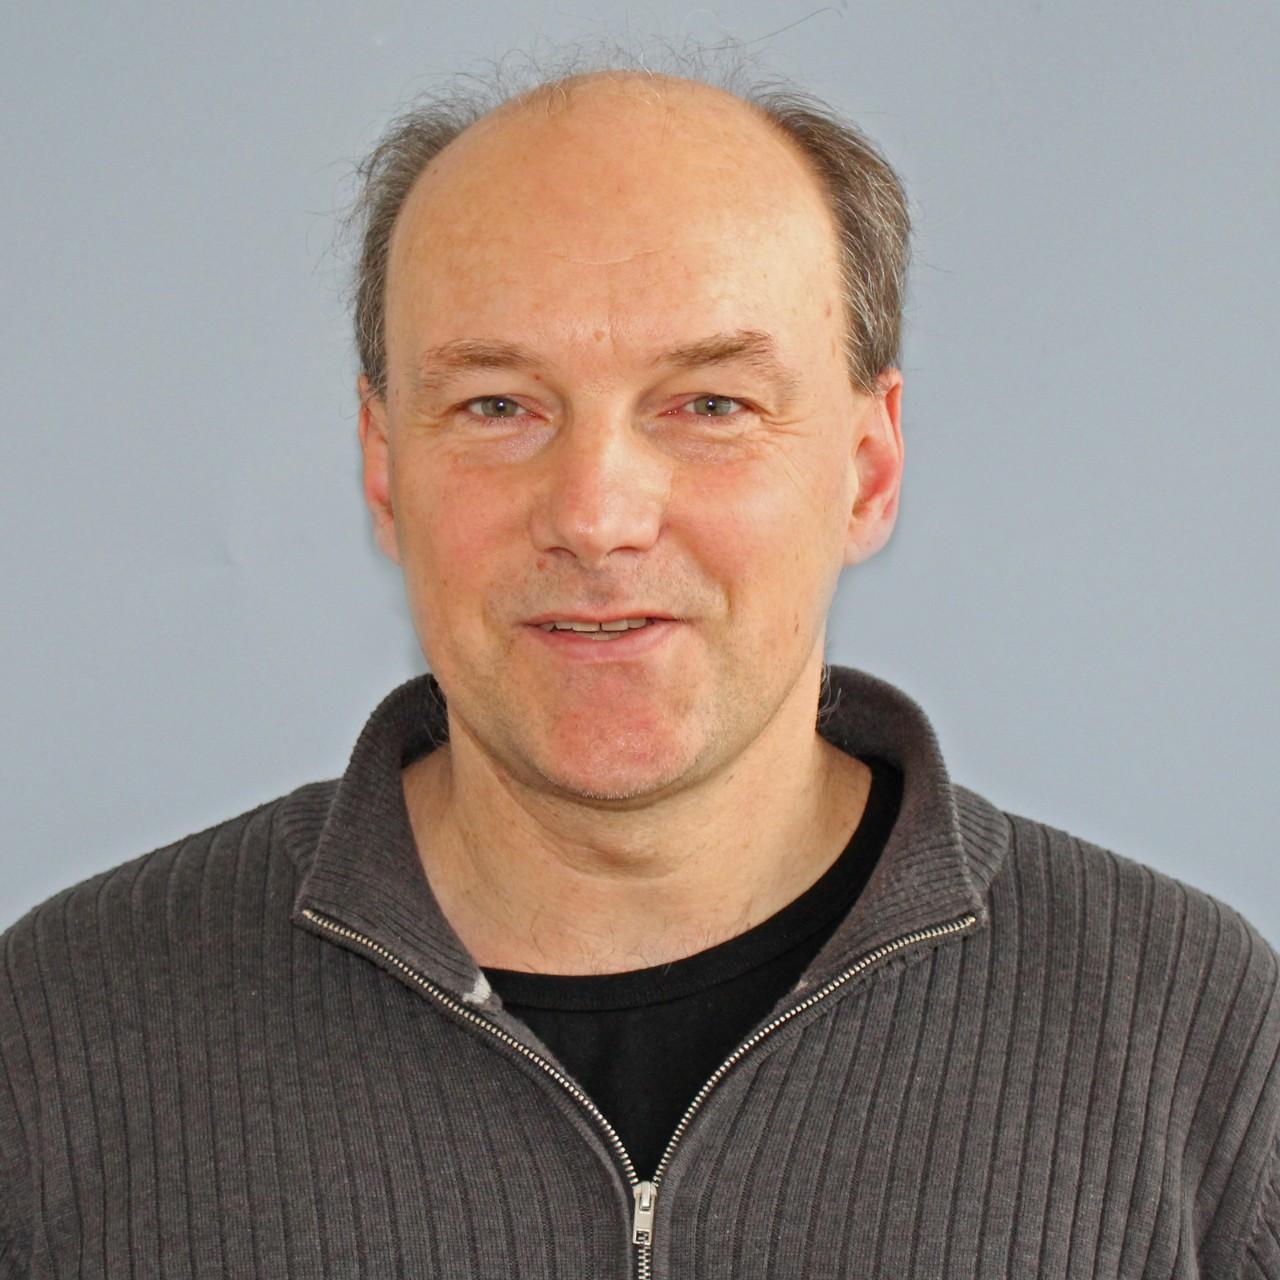 Jan Widegren